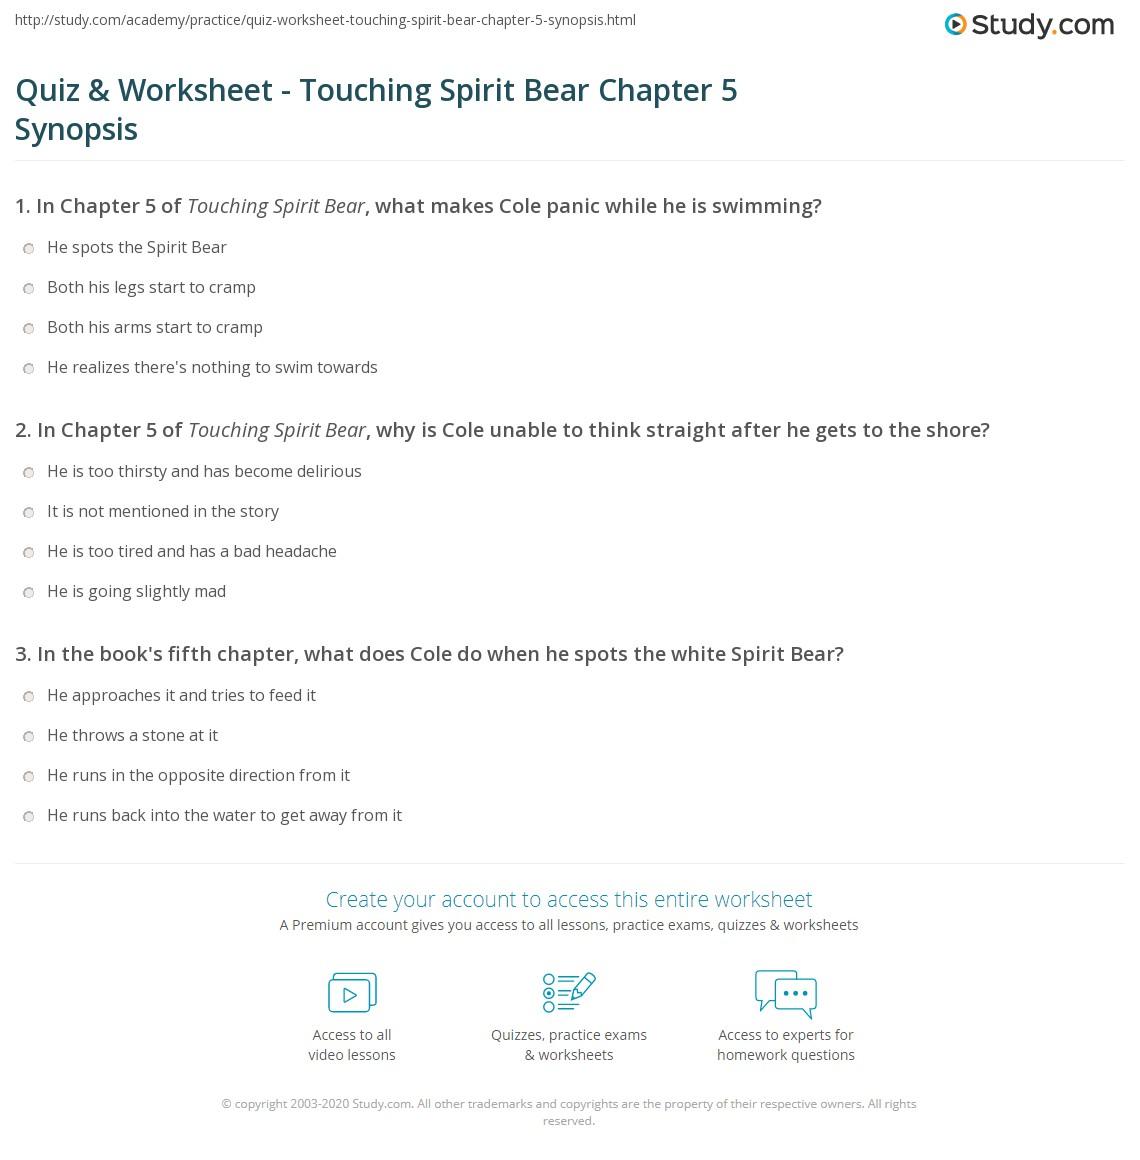 quiz worksheet touching spirit bear chapter synopsis com print touching spirit bear chapter 5 summary worksheet